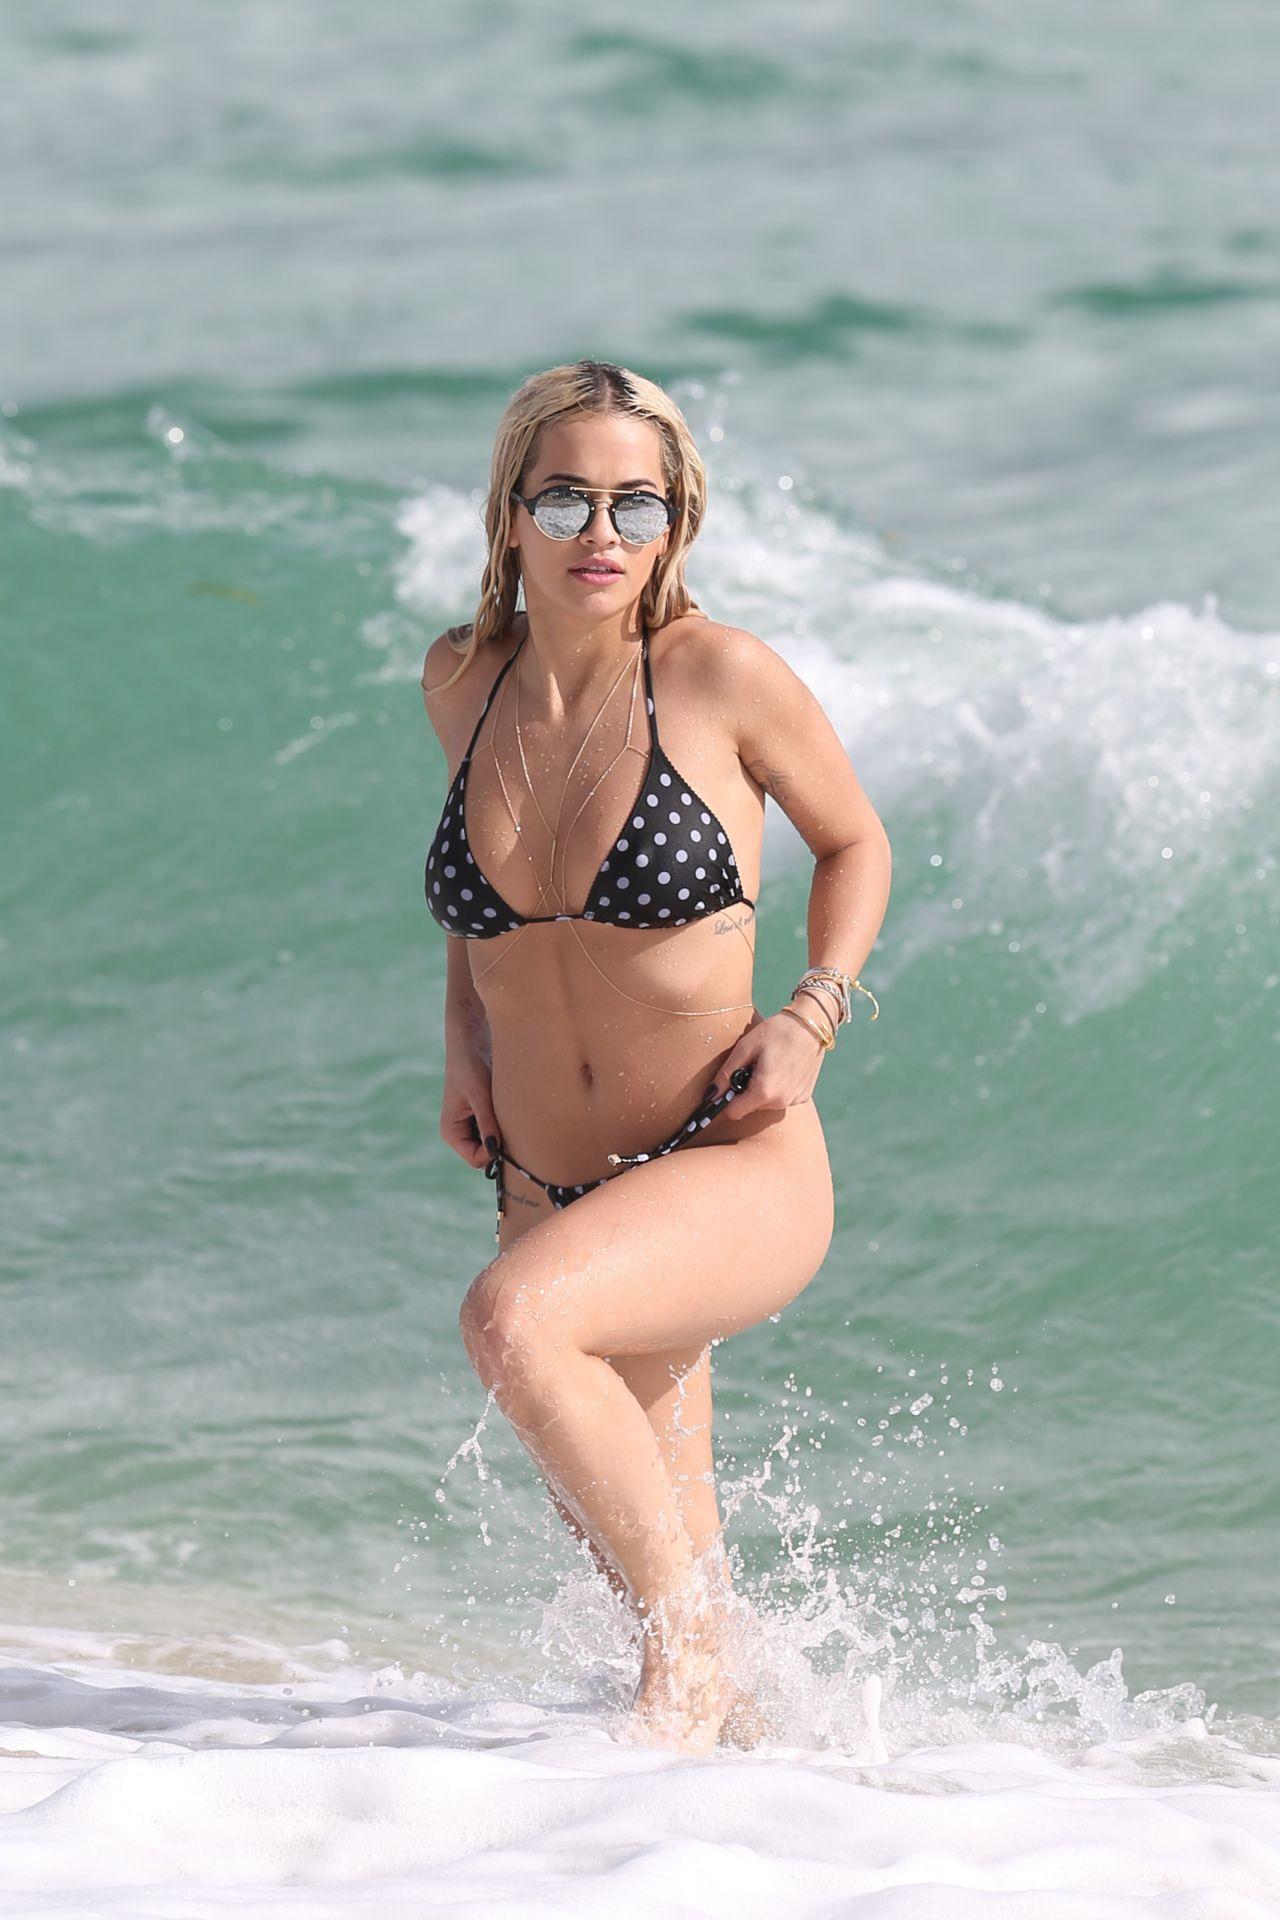 Rita Ora Hot In A Bikini Beach In Miami 12302015